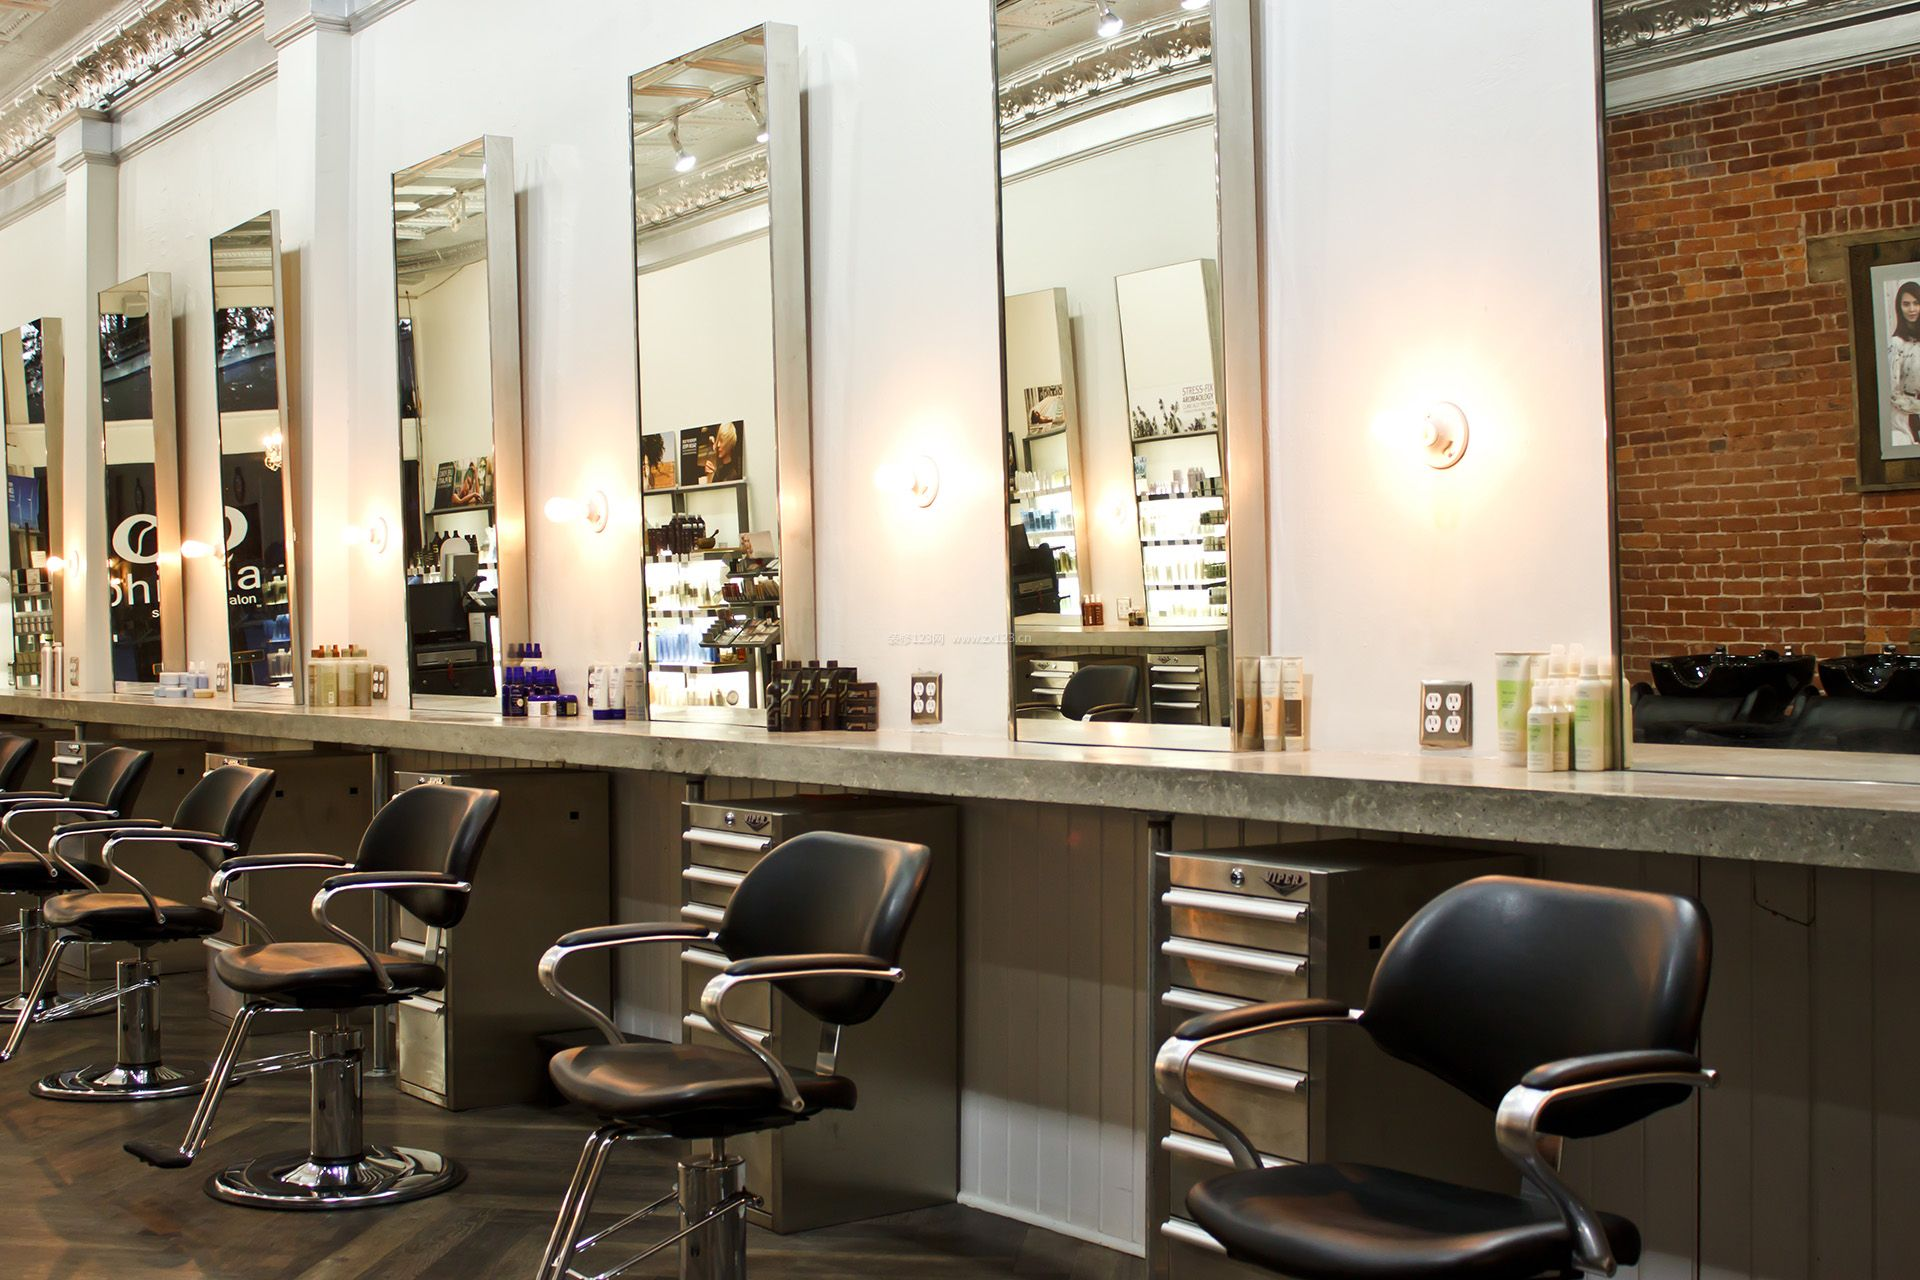 美发店门面室内镜子装修效果图片 (1920x1280)